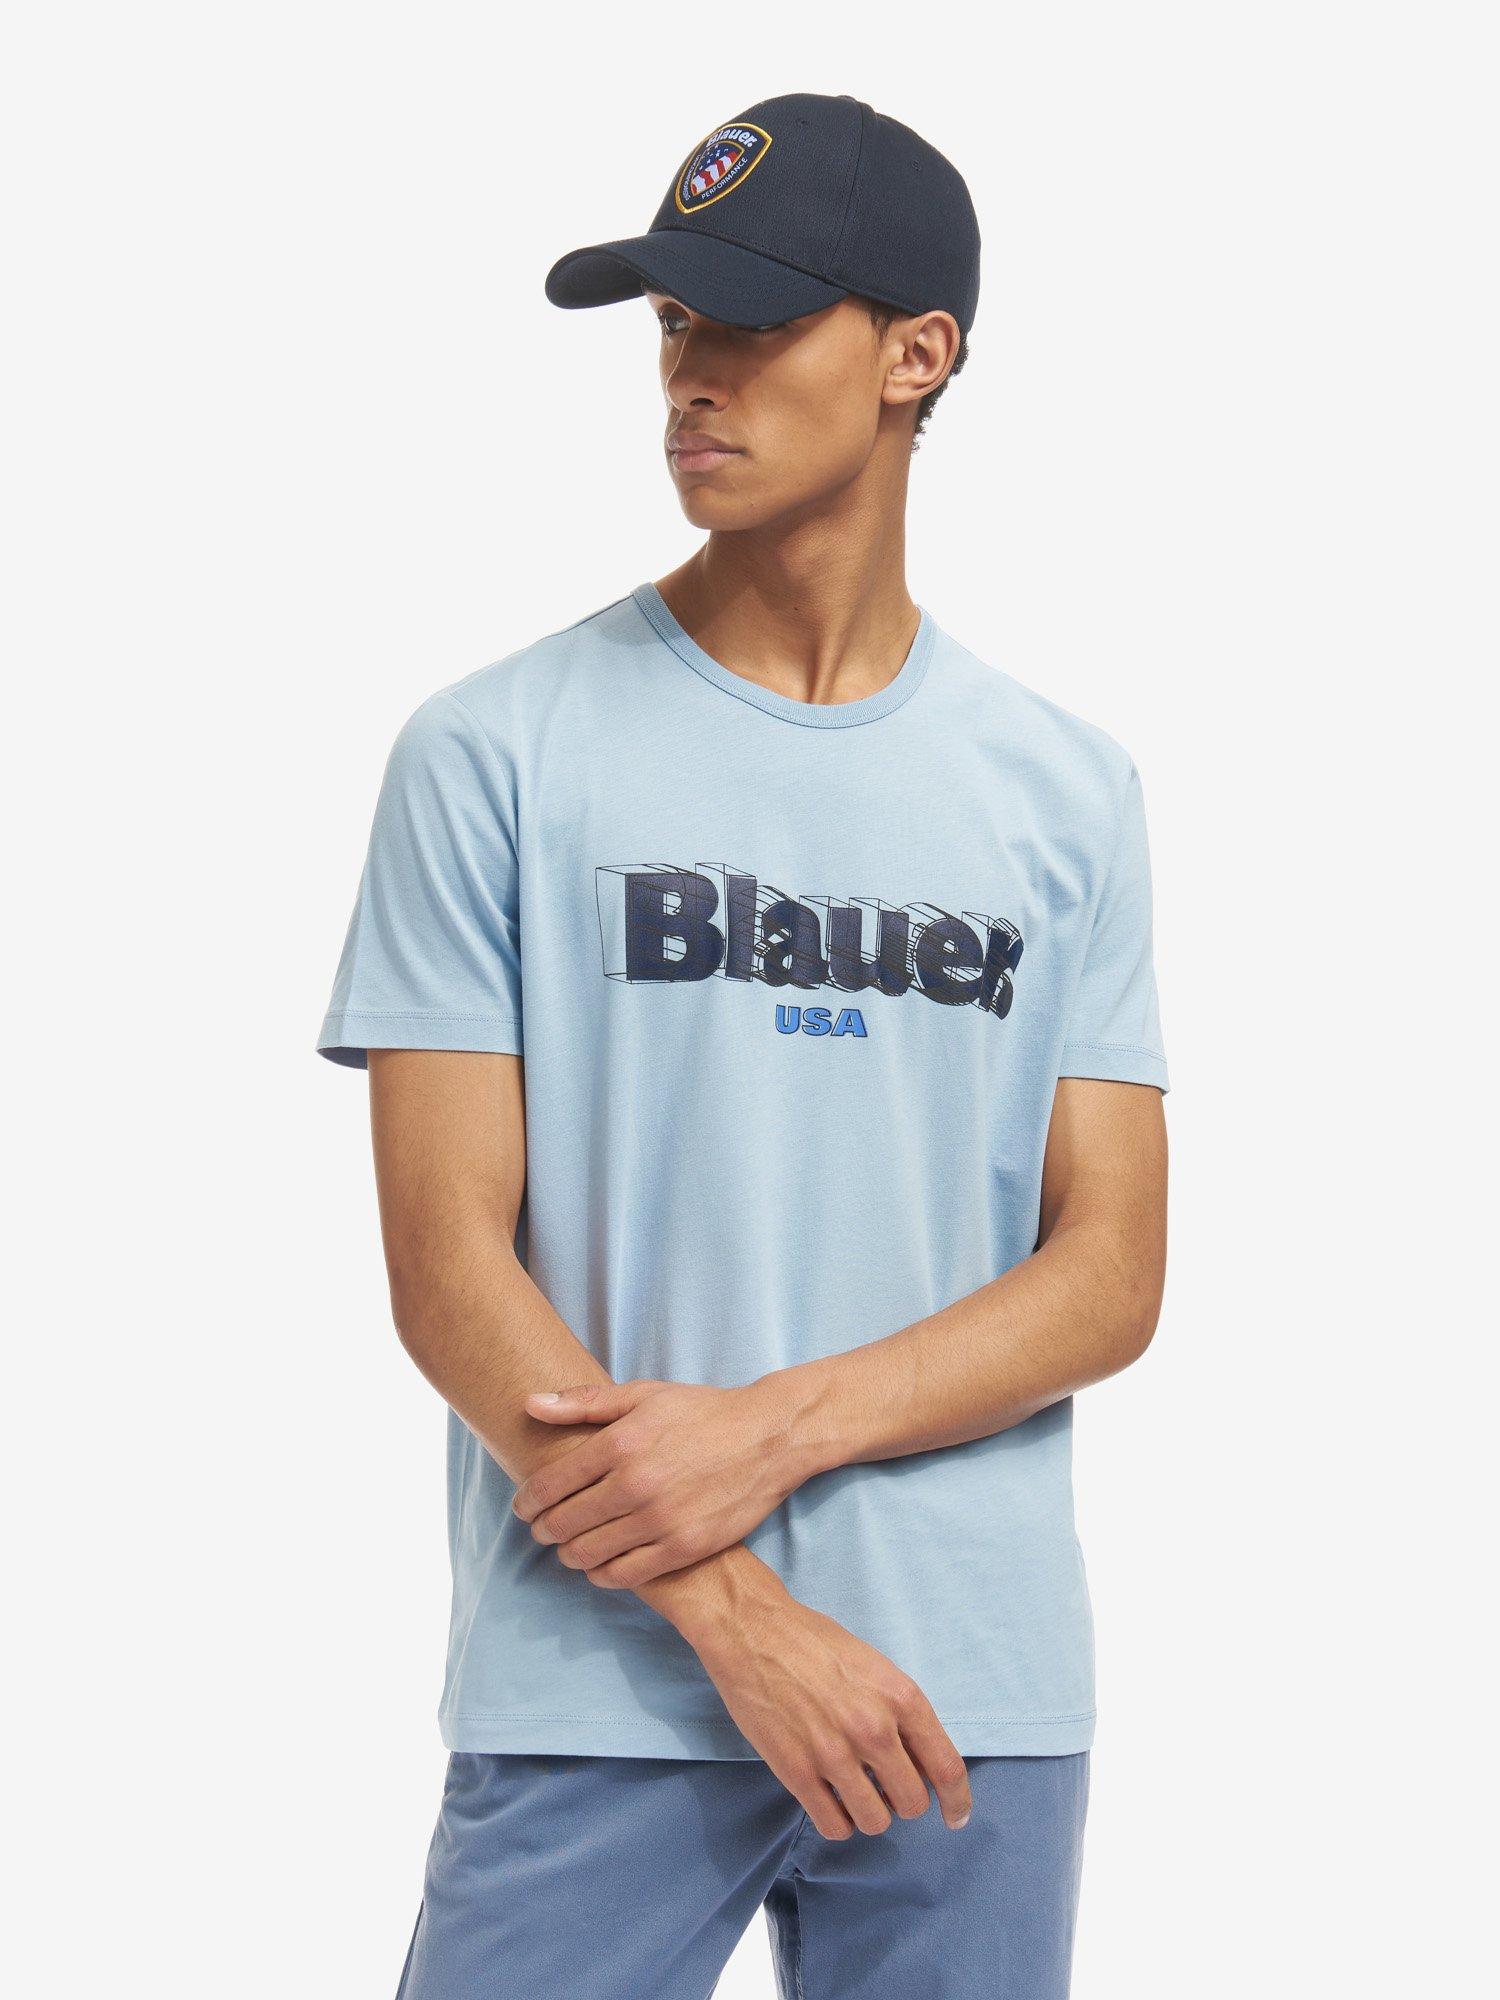 3D BLAUER T-SHIRT - Blauer